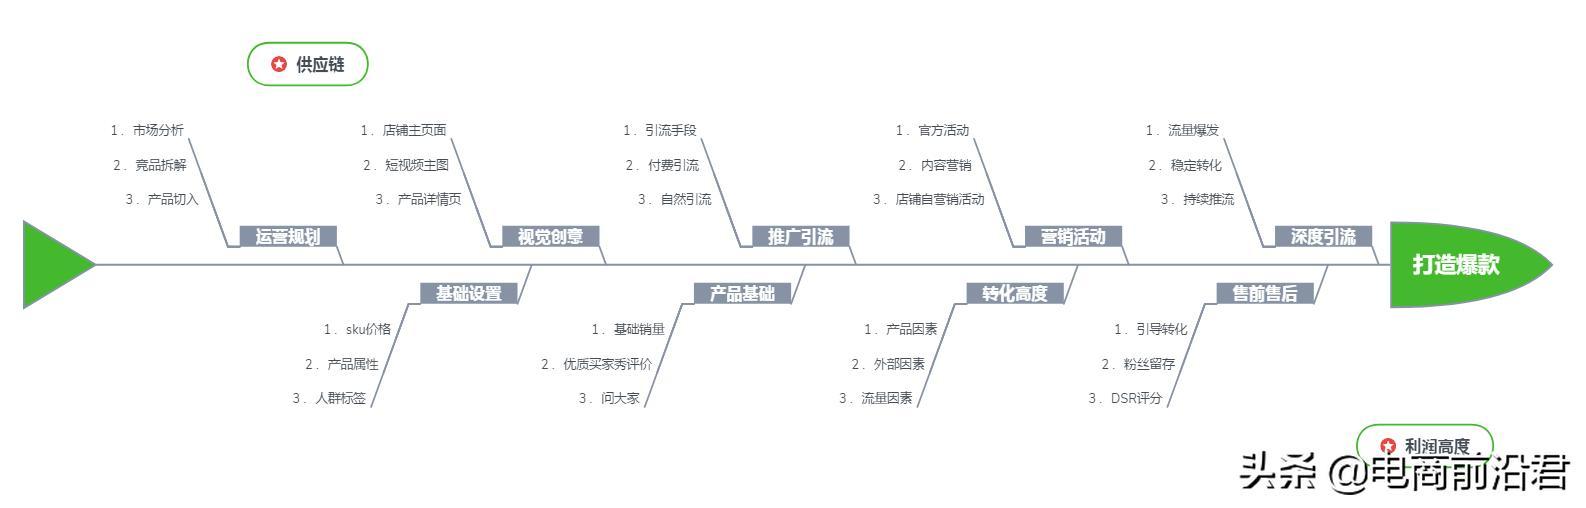 淘宝新品爆发期(淘宝卖家如何做爆款)插图(2)